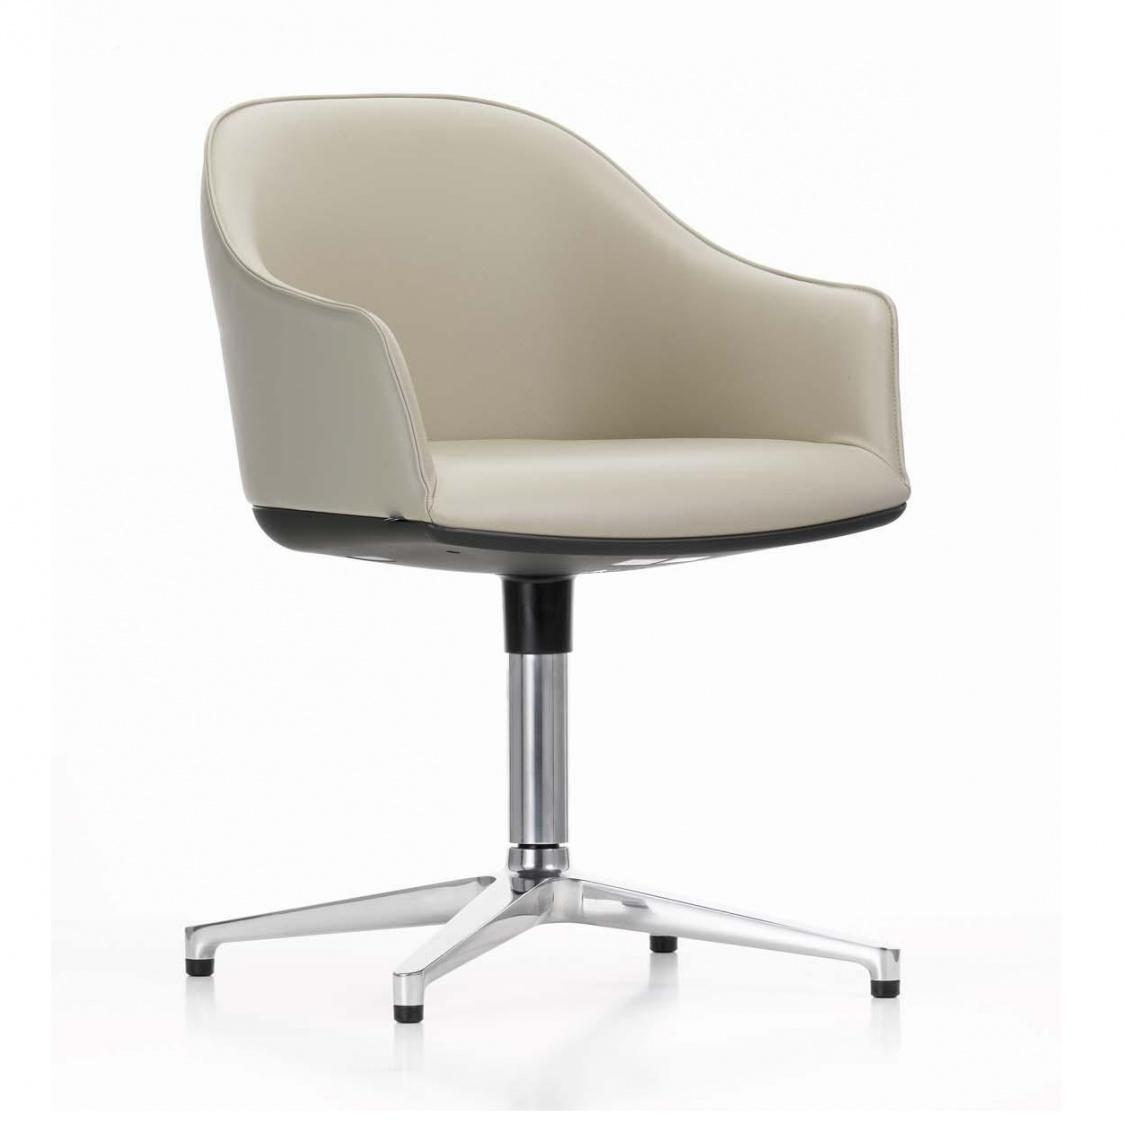 Vitra - Softshell Konferenzstuhl Viersternfuss - sand/Sitzfläche Leder 71/Gestell aluminum poliert/mit Filzgleitern | Büro > Bürostühle und Sessel  > Konferenzstühle | Sand | Polyamid| polyurethanschaum| aluminium | Vitra